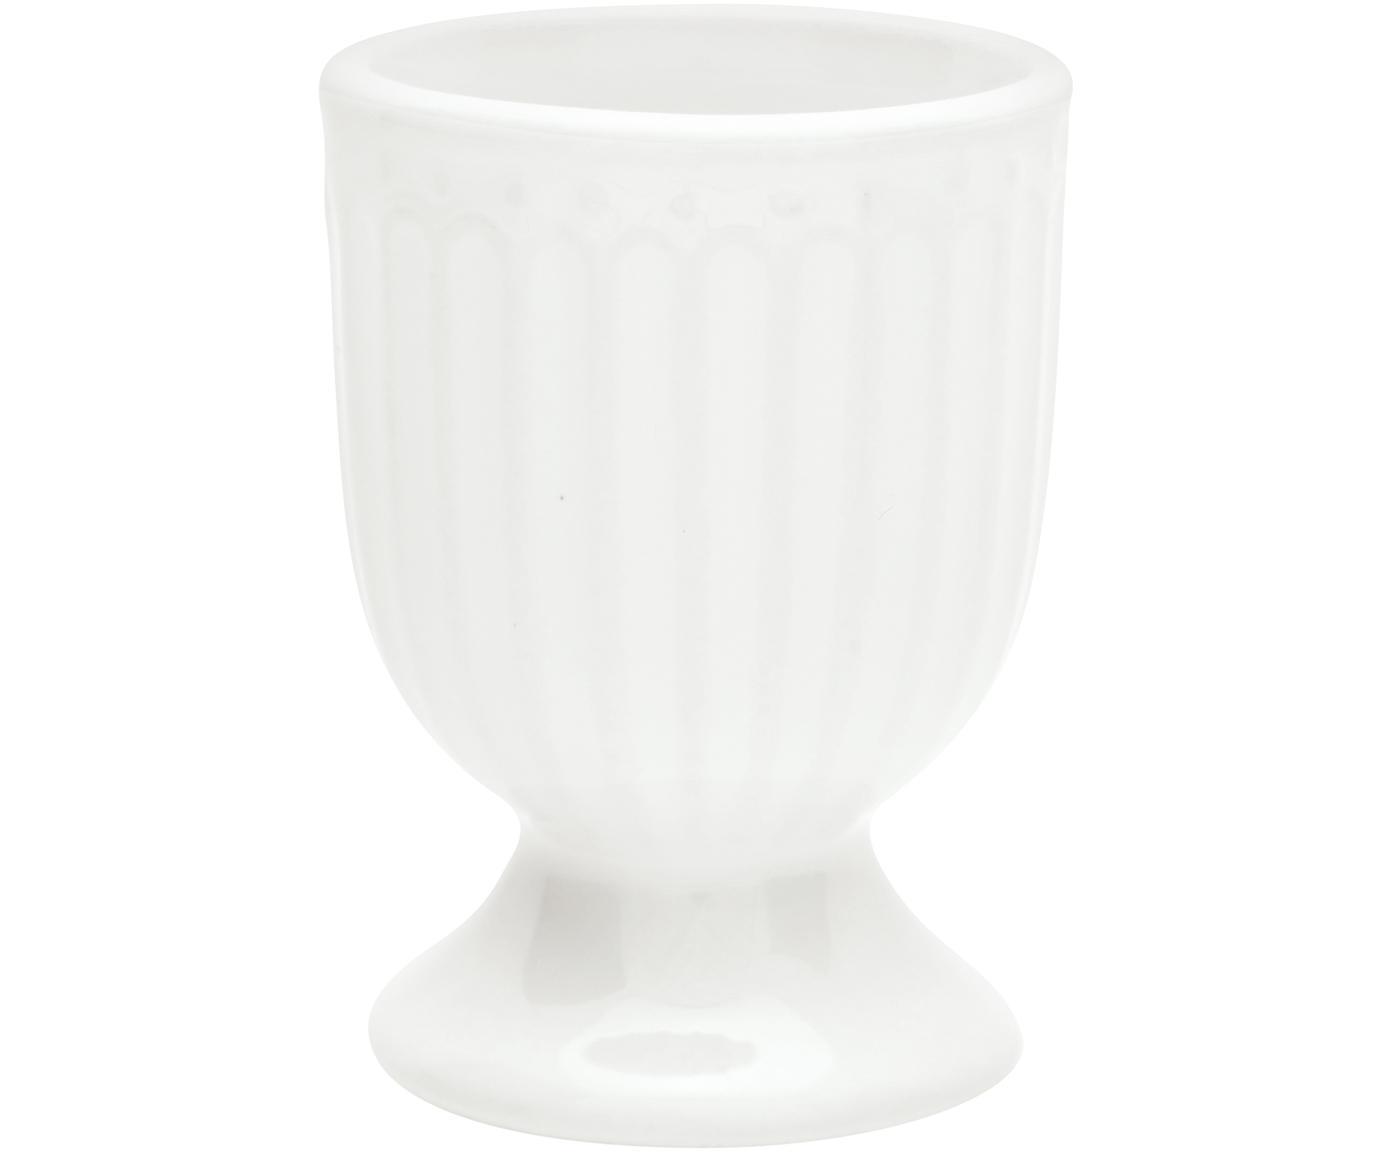 Soportes de huevo Alice, 2uds., Porcelana, Blanco, Ø 5 x Al 7 cm